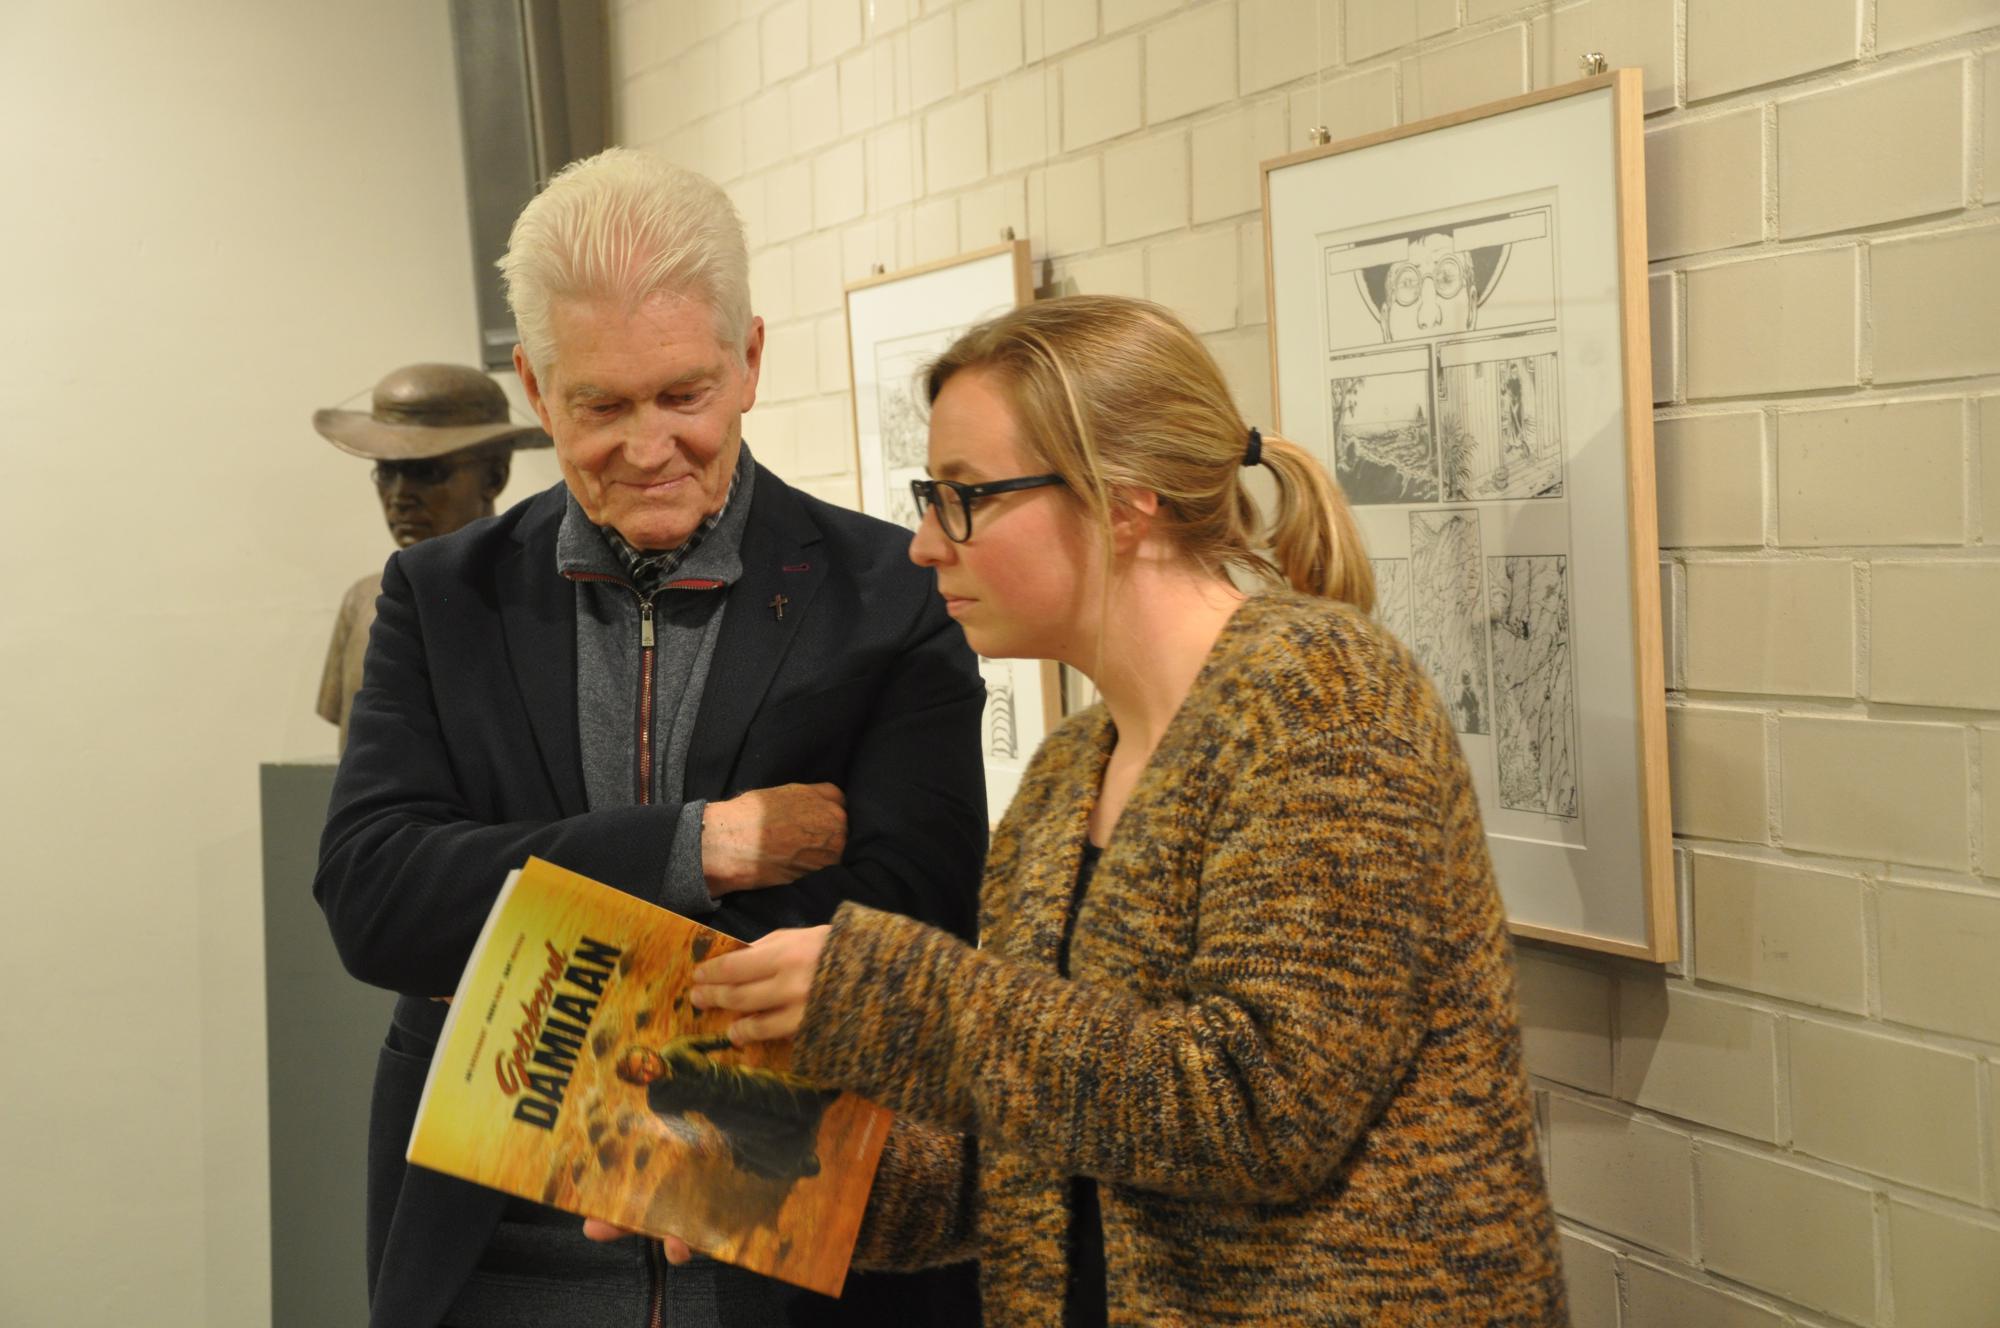 Vlaamse provinciaal Gilbert De Decker met Lise Van Dessel, pers en promotie van Van Halewyck, bij de voorstelling van het stripverhaal © Tom Heylen / Kerk & Leven